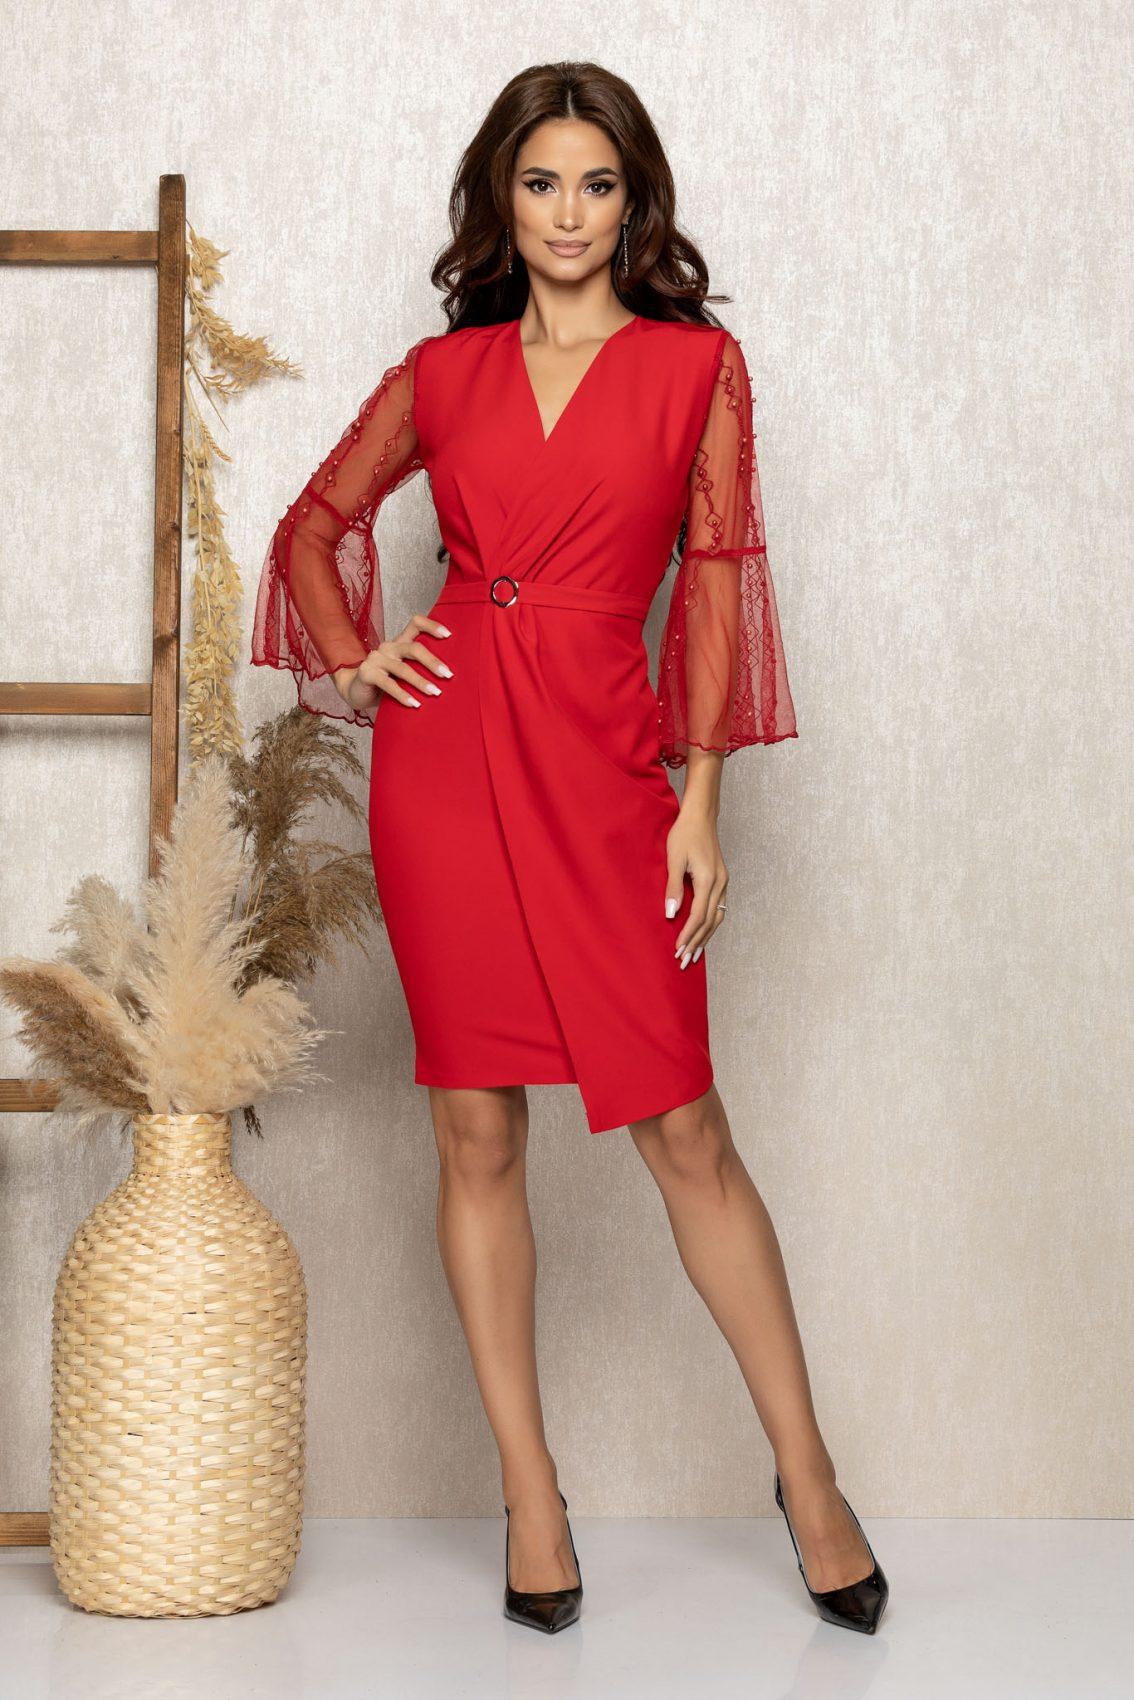 Κόκκινο Κρουαζέ Βραδινό Φόρεμα Ynna T265 1